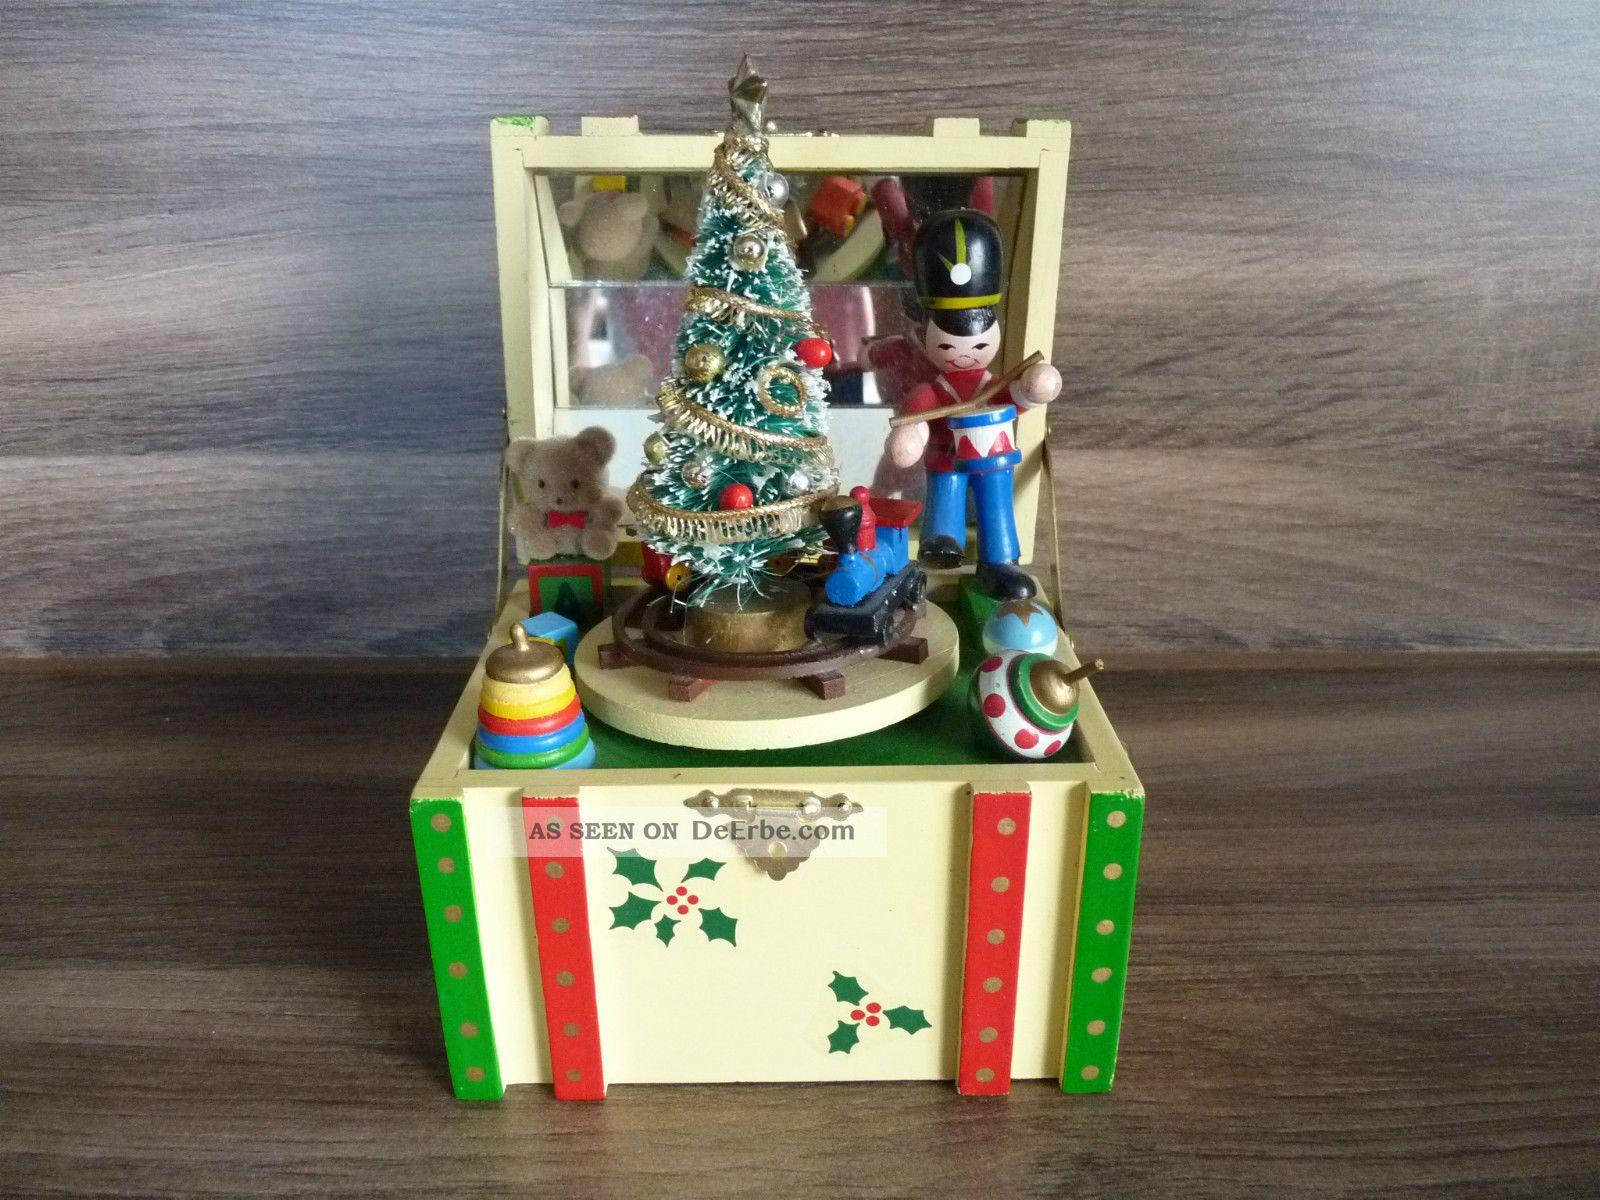 Spieluhr Weihnachten.Enesco Spieluhr Weihnachten Von 1984